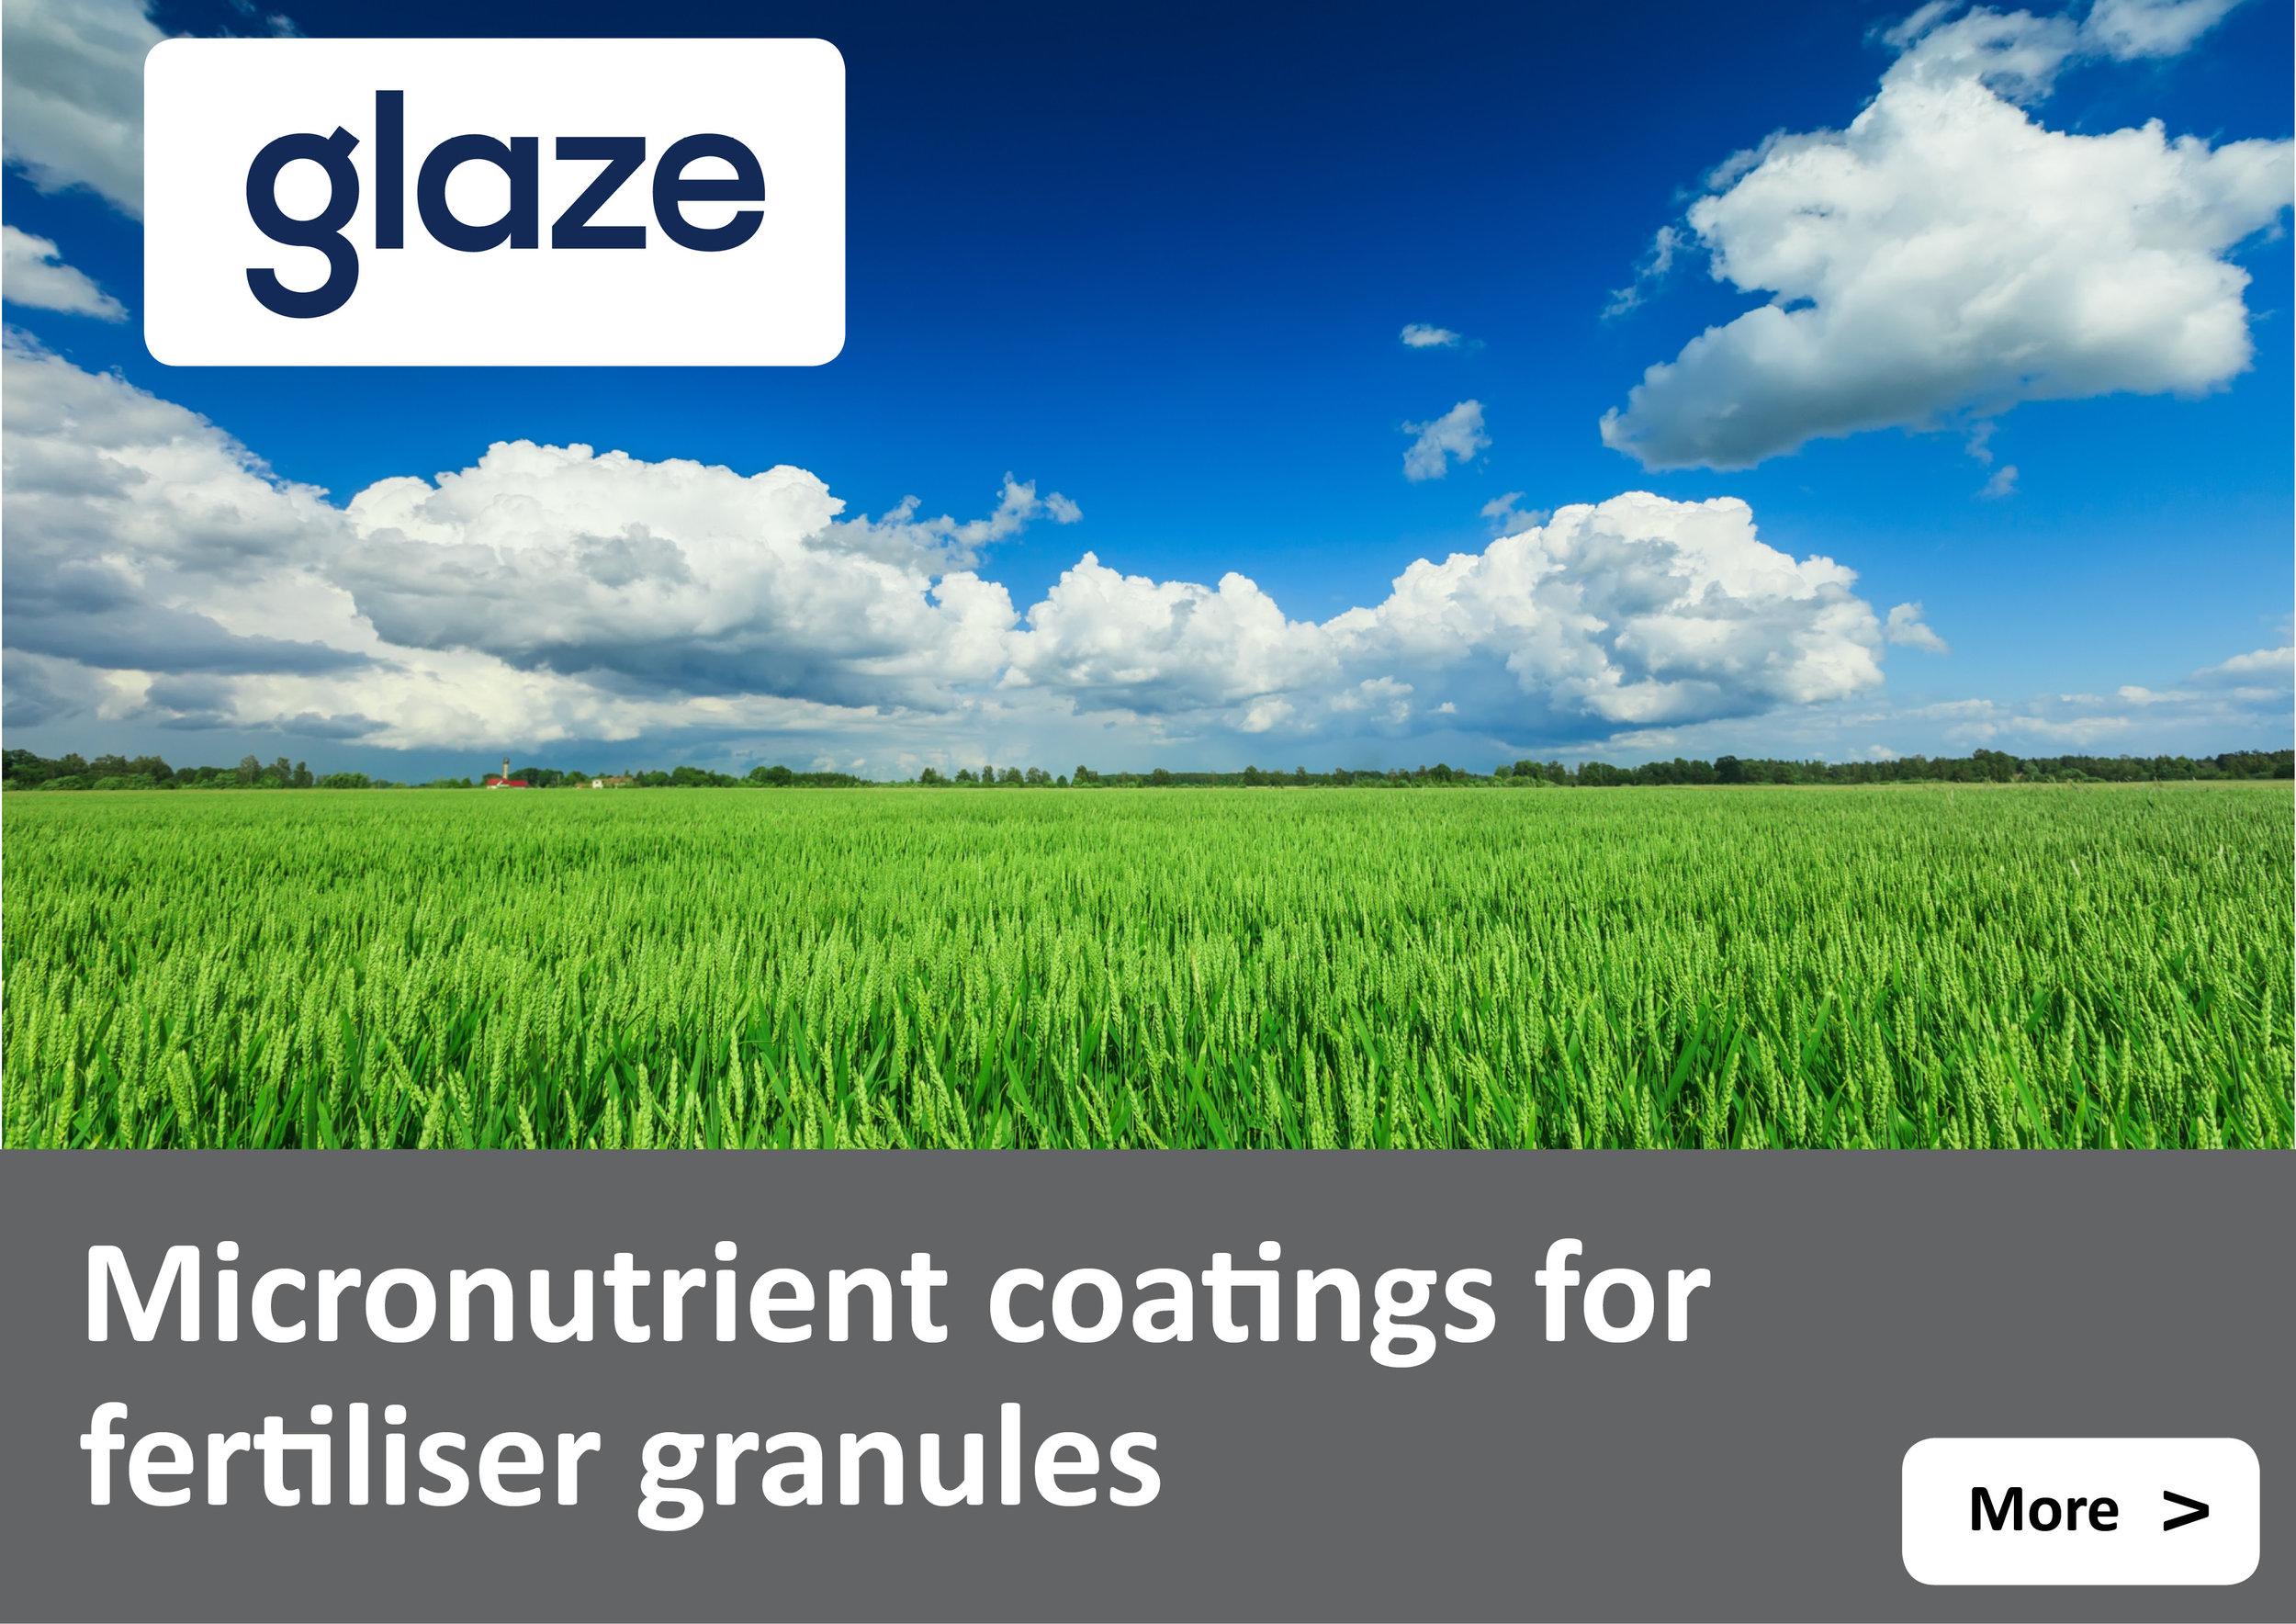 Glaze micronutrient and dust suppressant coatings for granular fertiliser